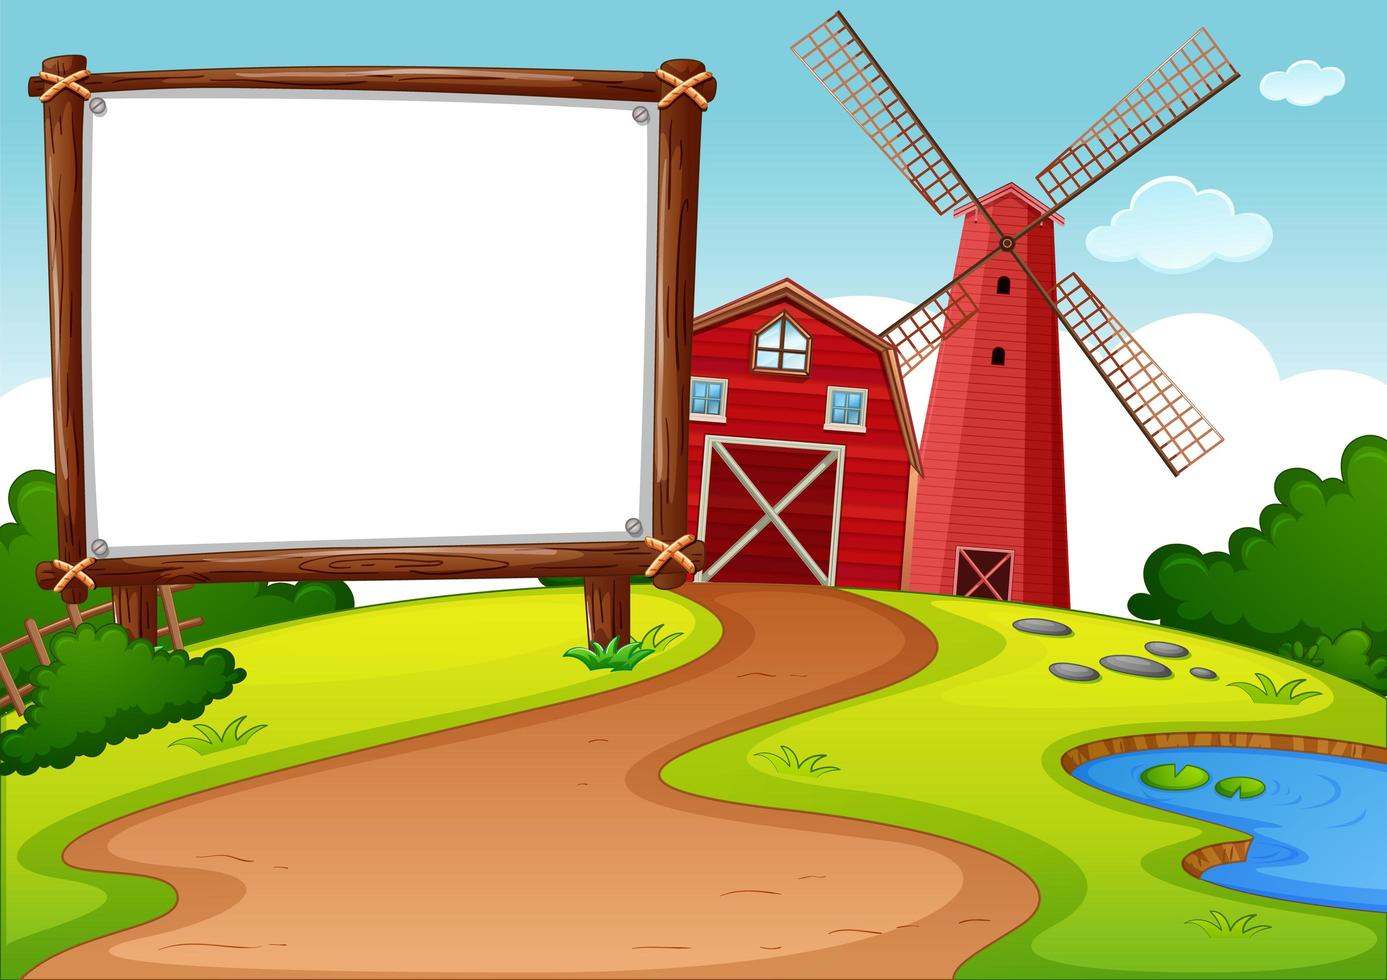 leeres Banner im Bauernhof mit roter Scheune und Windmühlenszene vektor